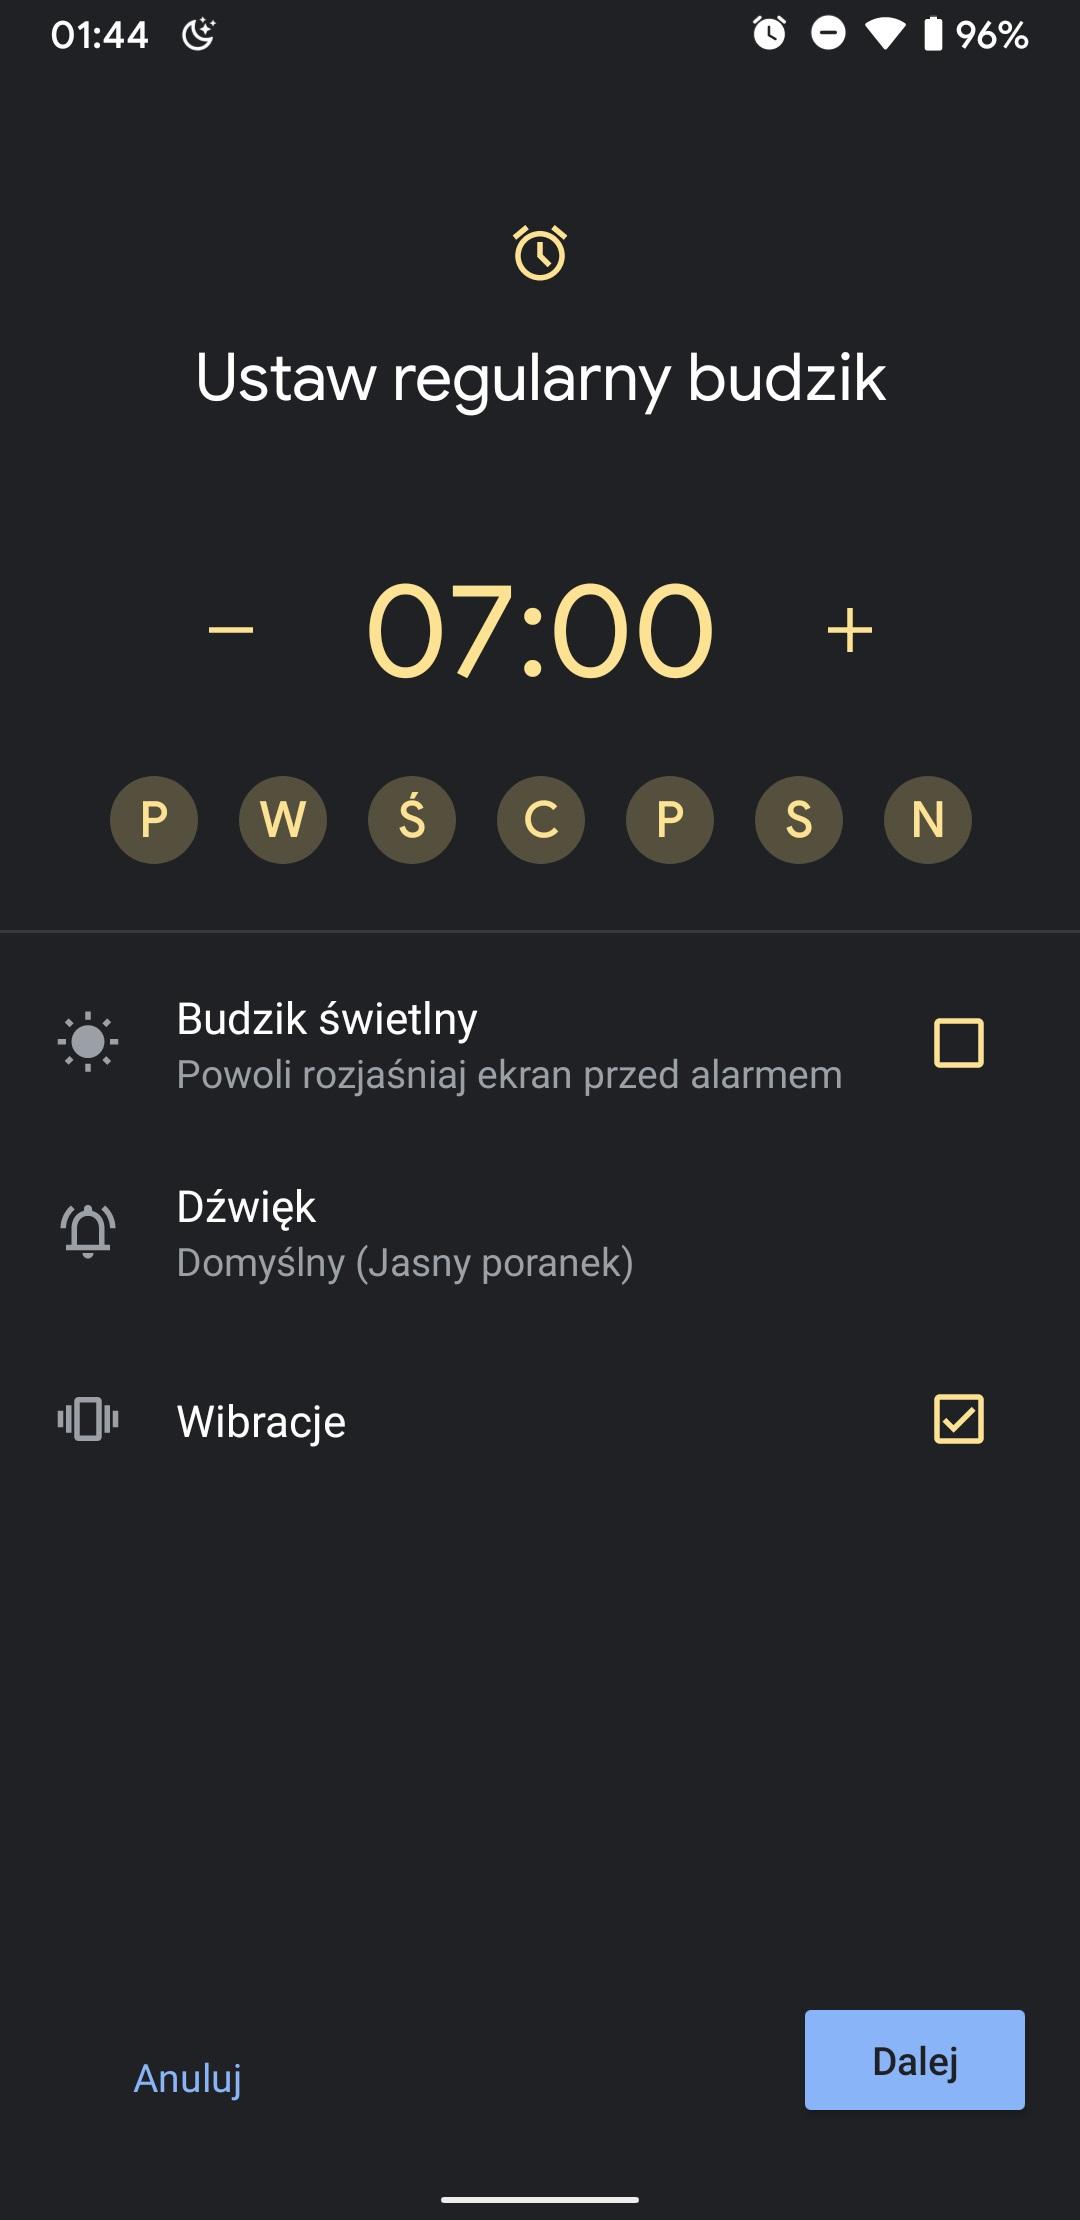 Digital Wellbeing Bedtime